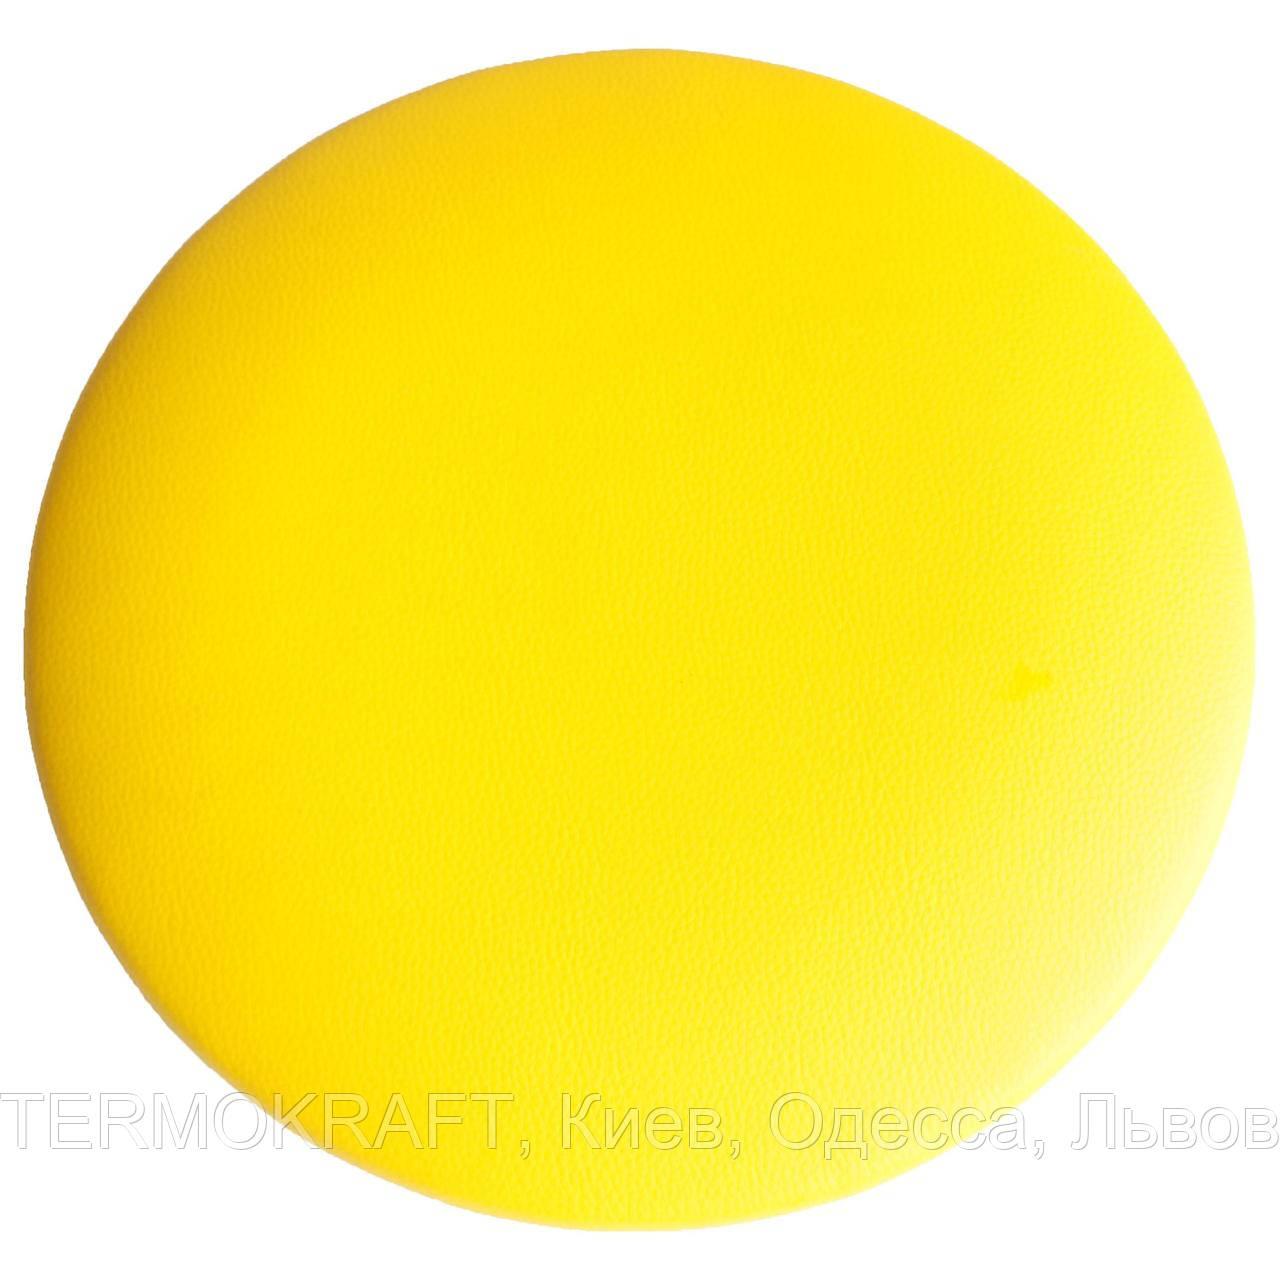 Сидіння стільця АНТ D-400 кругле жовте